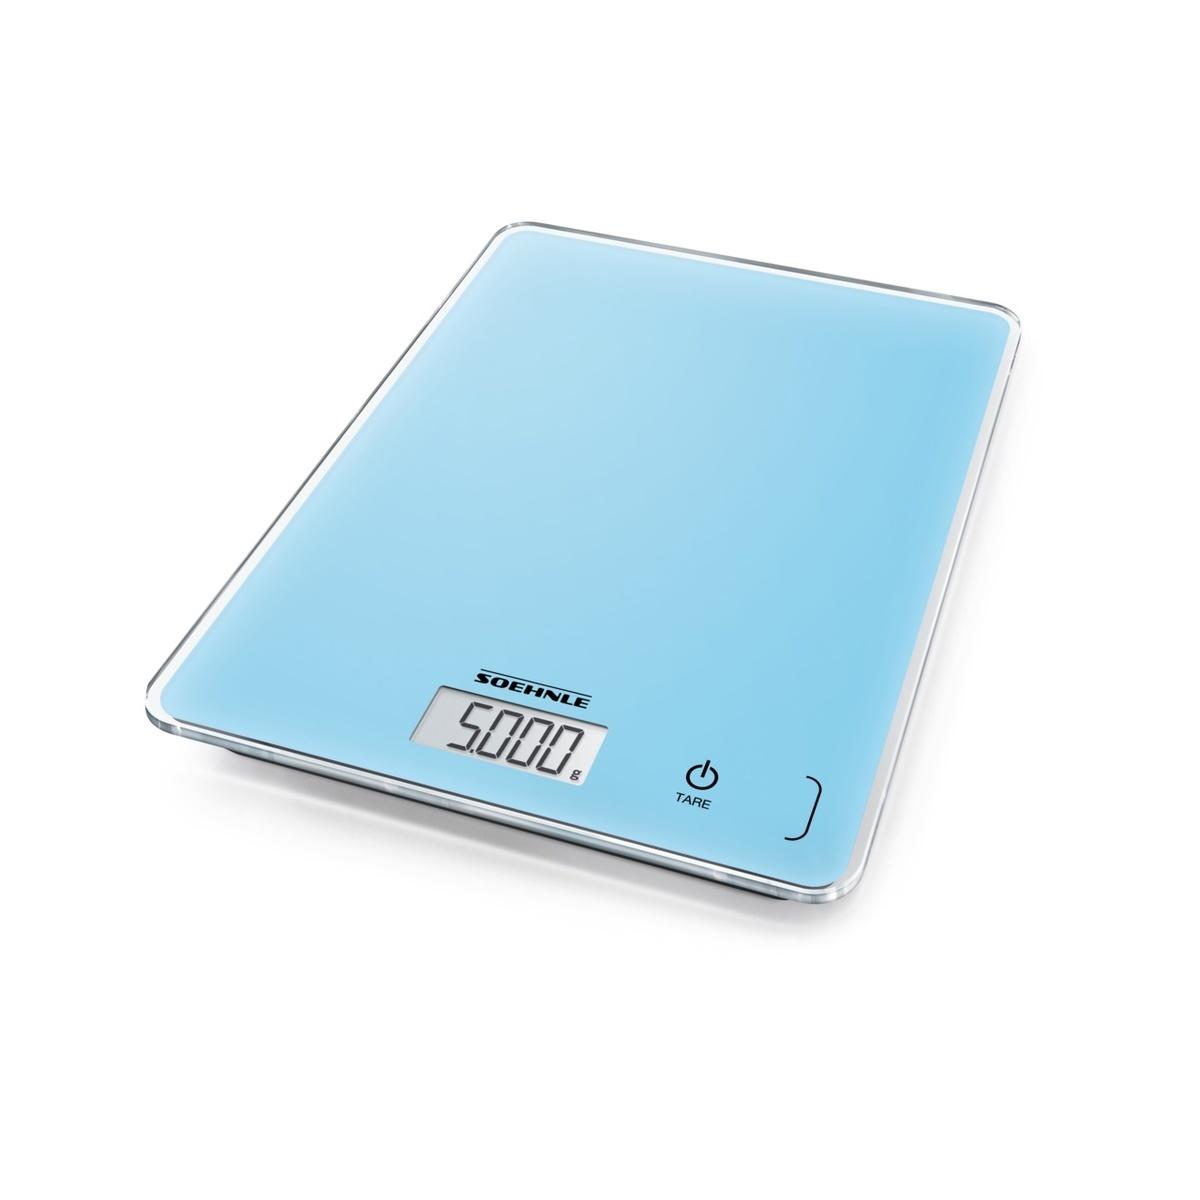 Digitální kuchyňská váha Page Compact 300 Pale